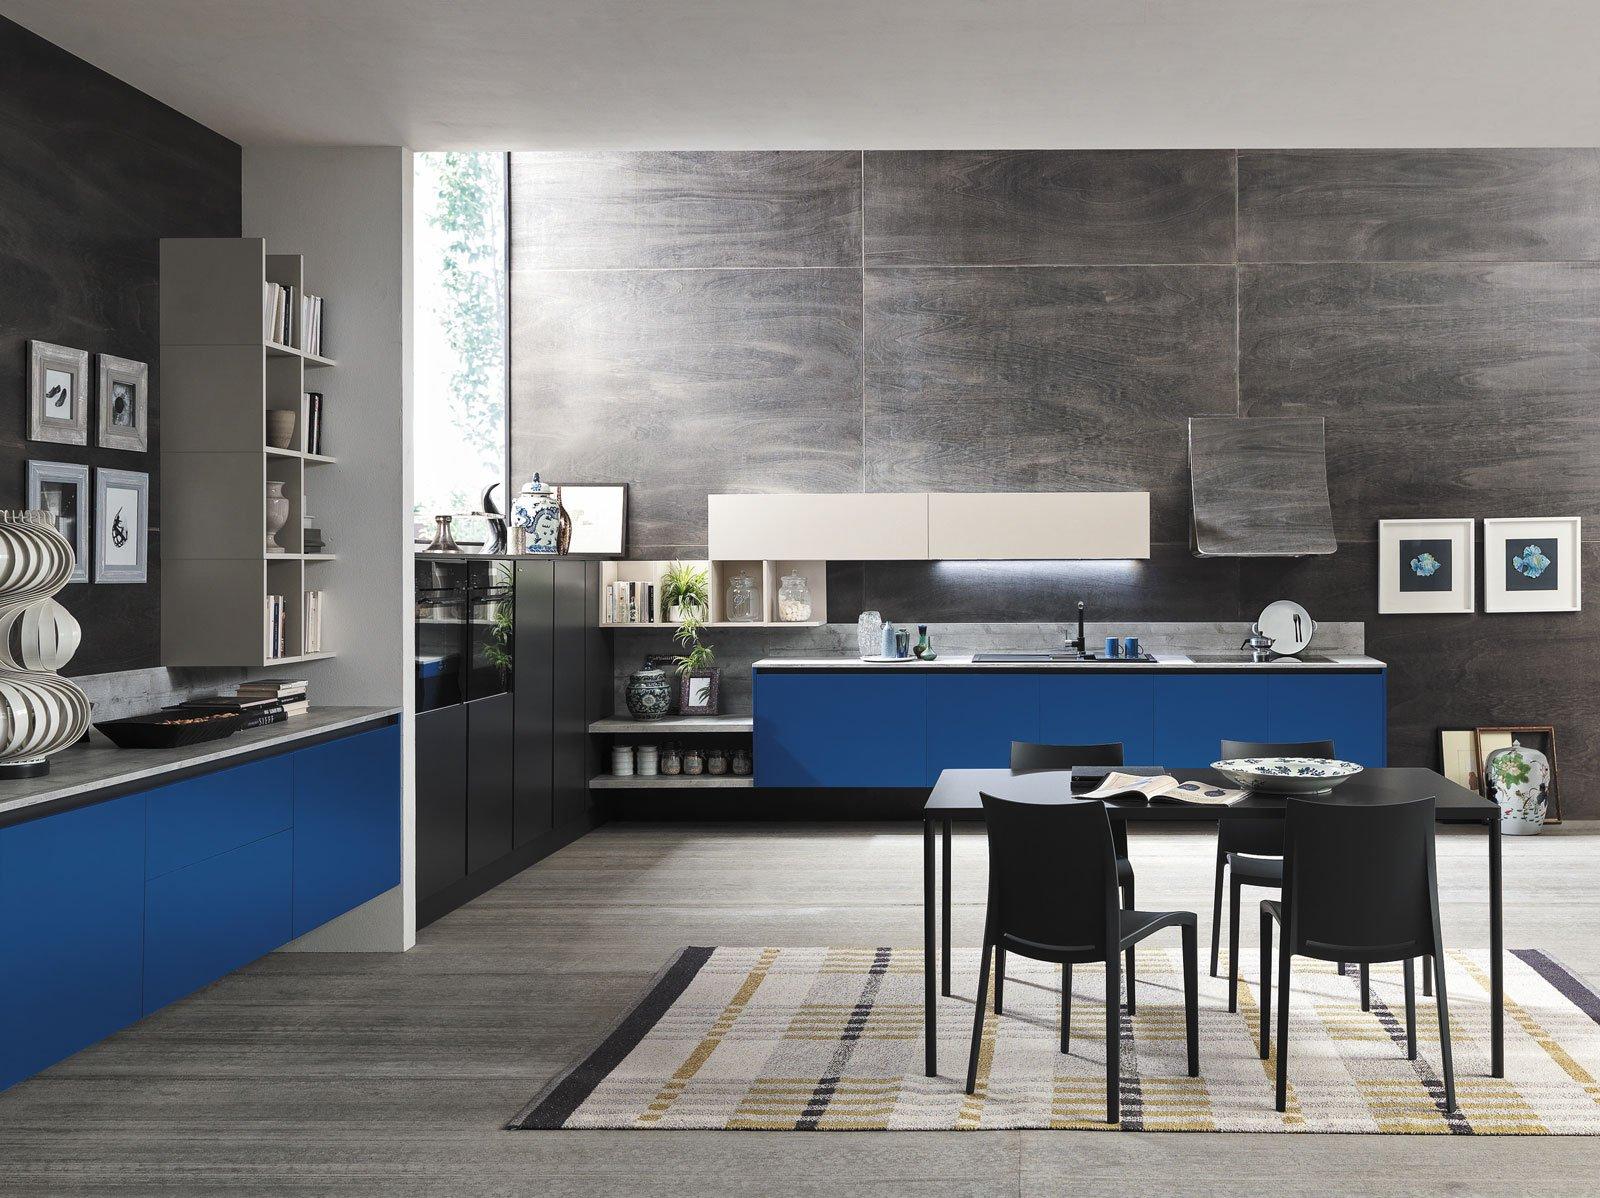 Cucine bicolore: l'alternanza cromatica fa tendenza - Cose ...